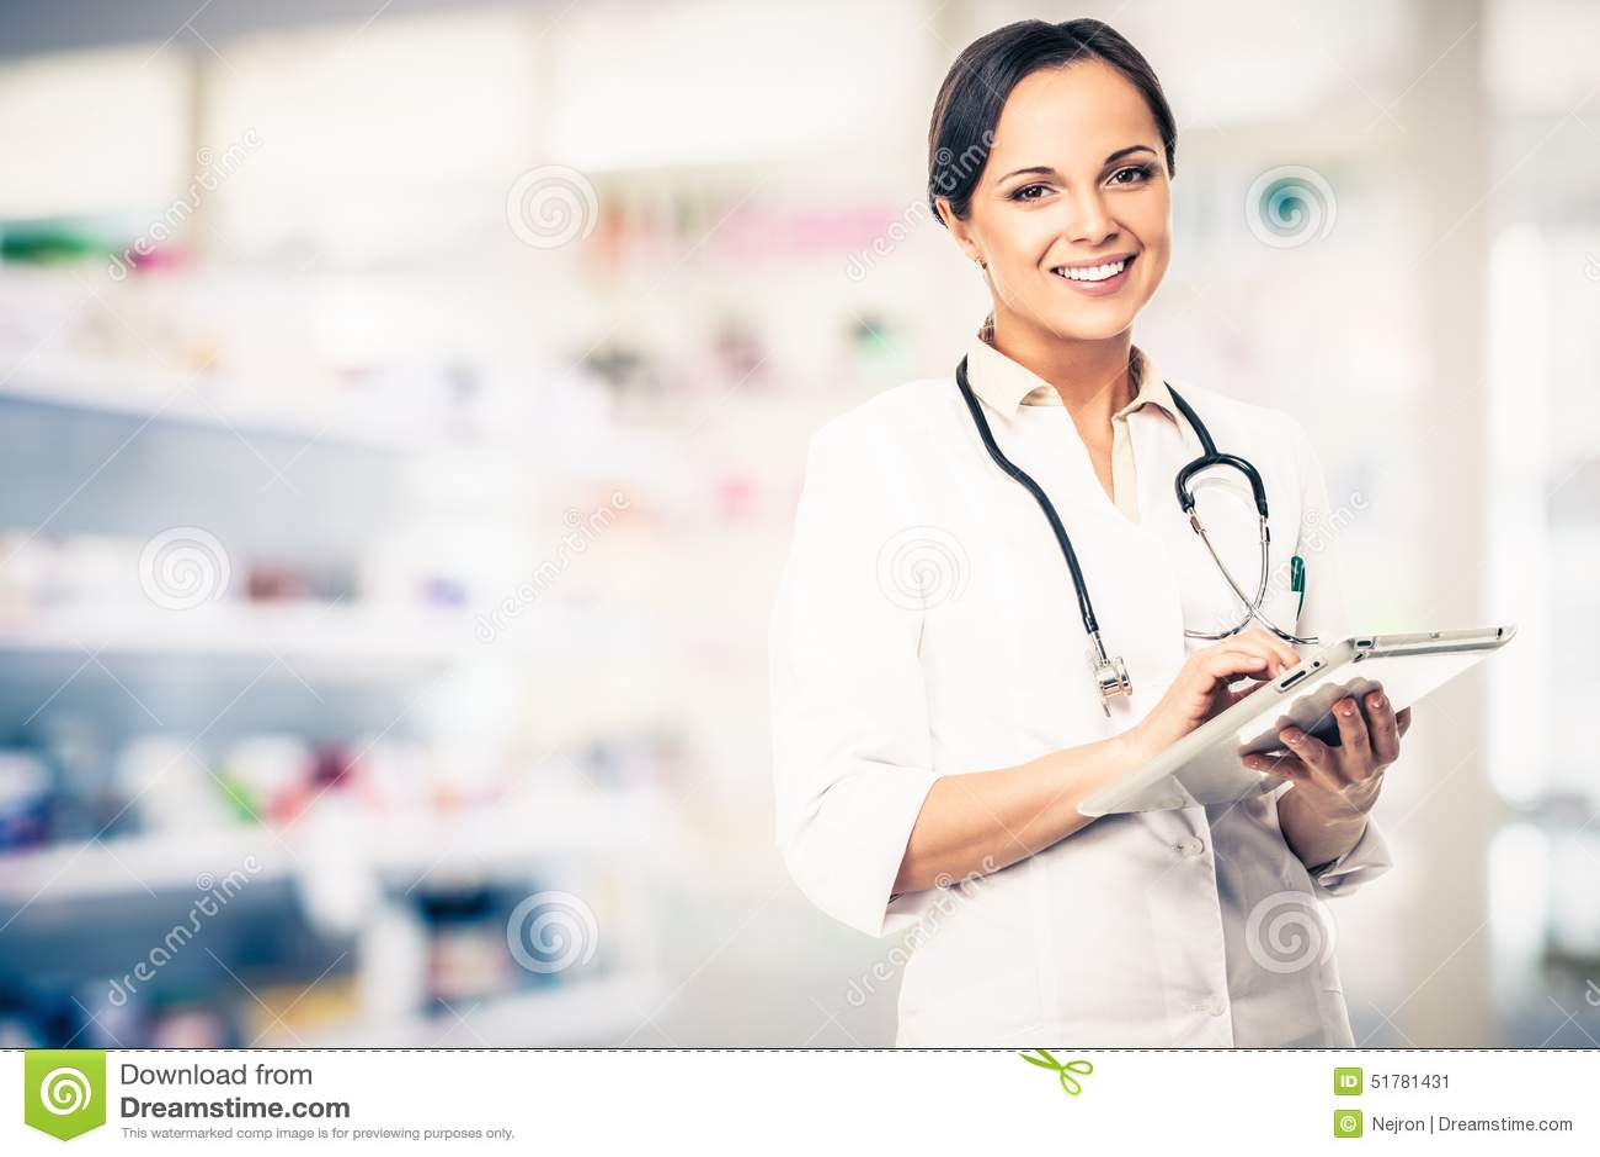 computer shop business plan doctors